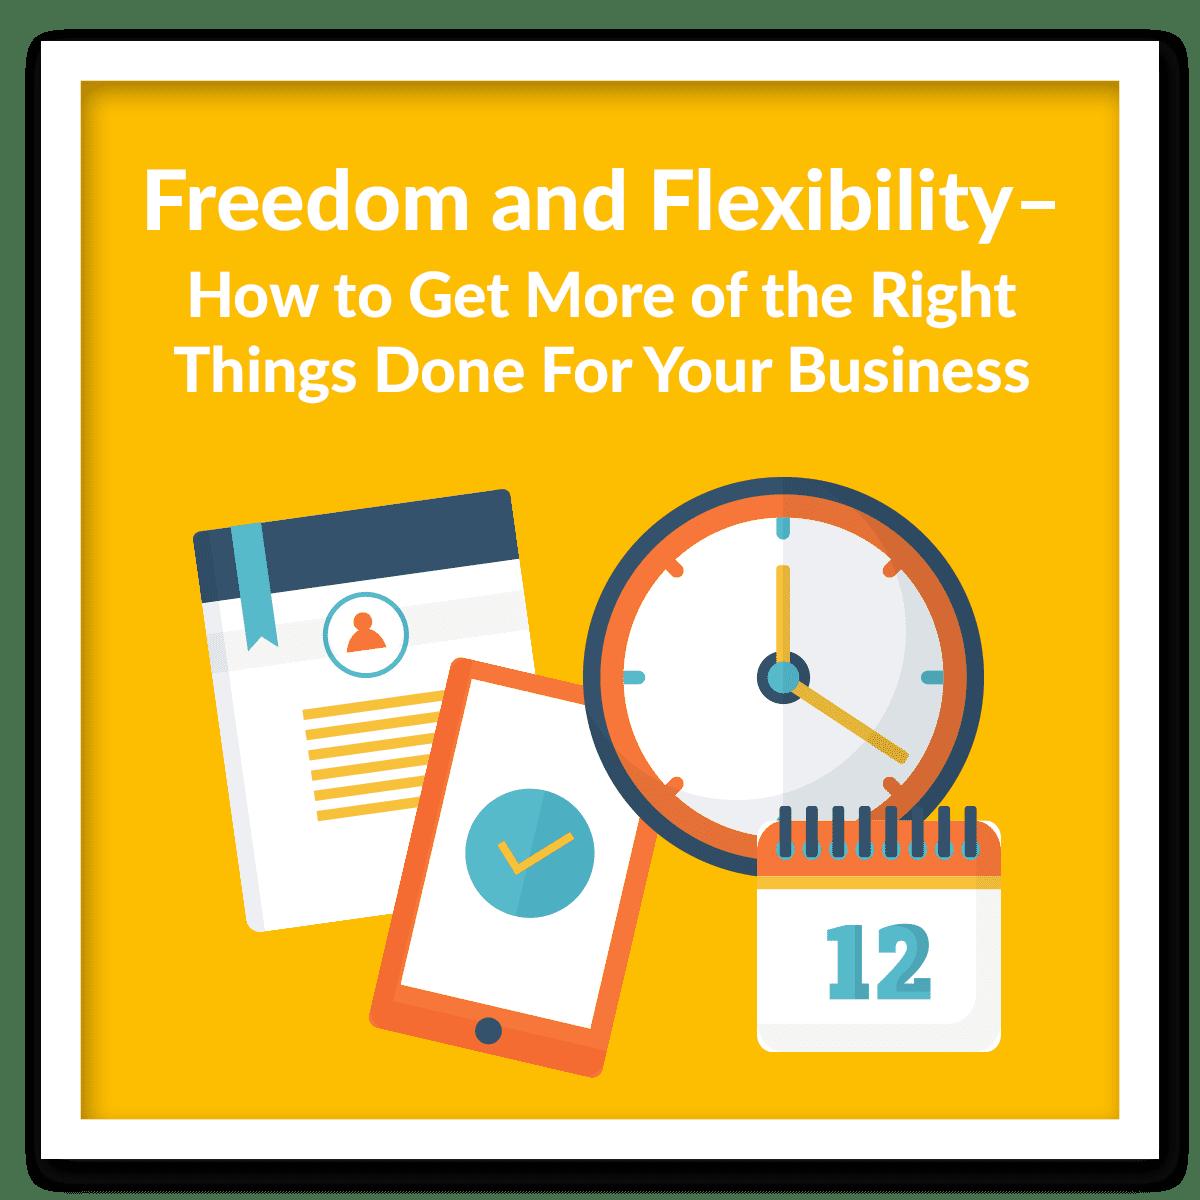 freedomandflexibility_squarewtext